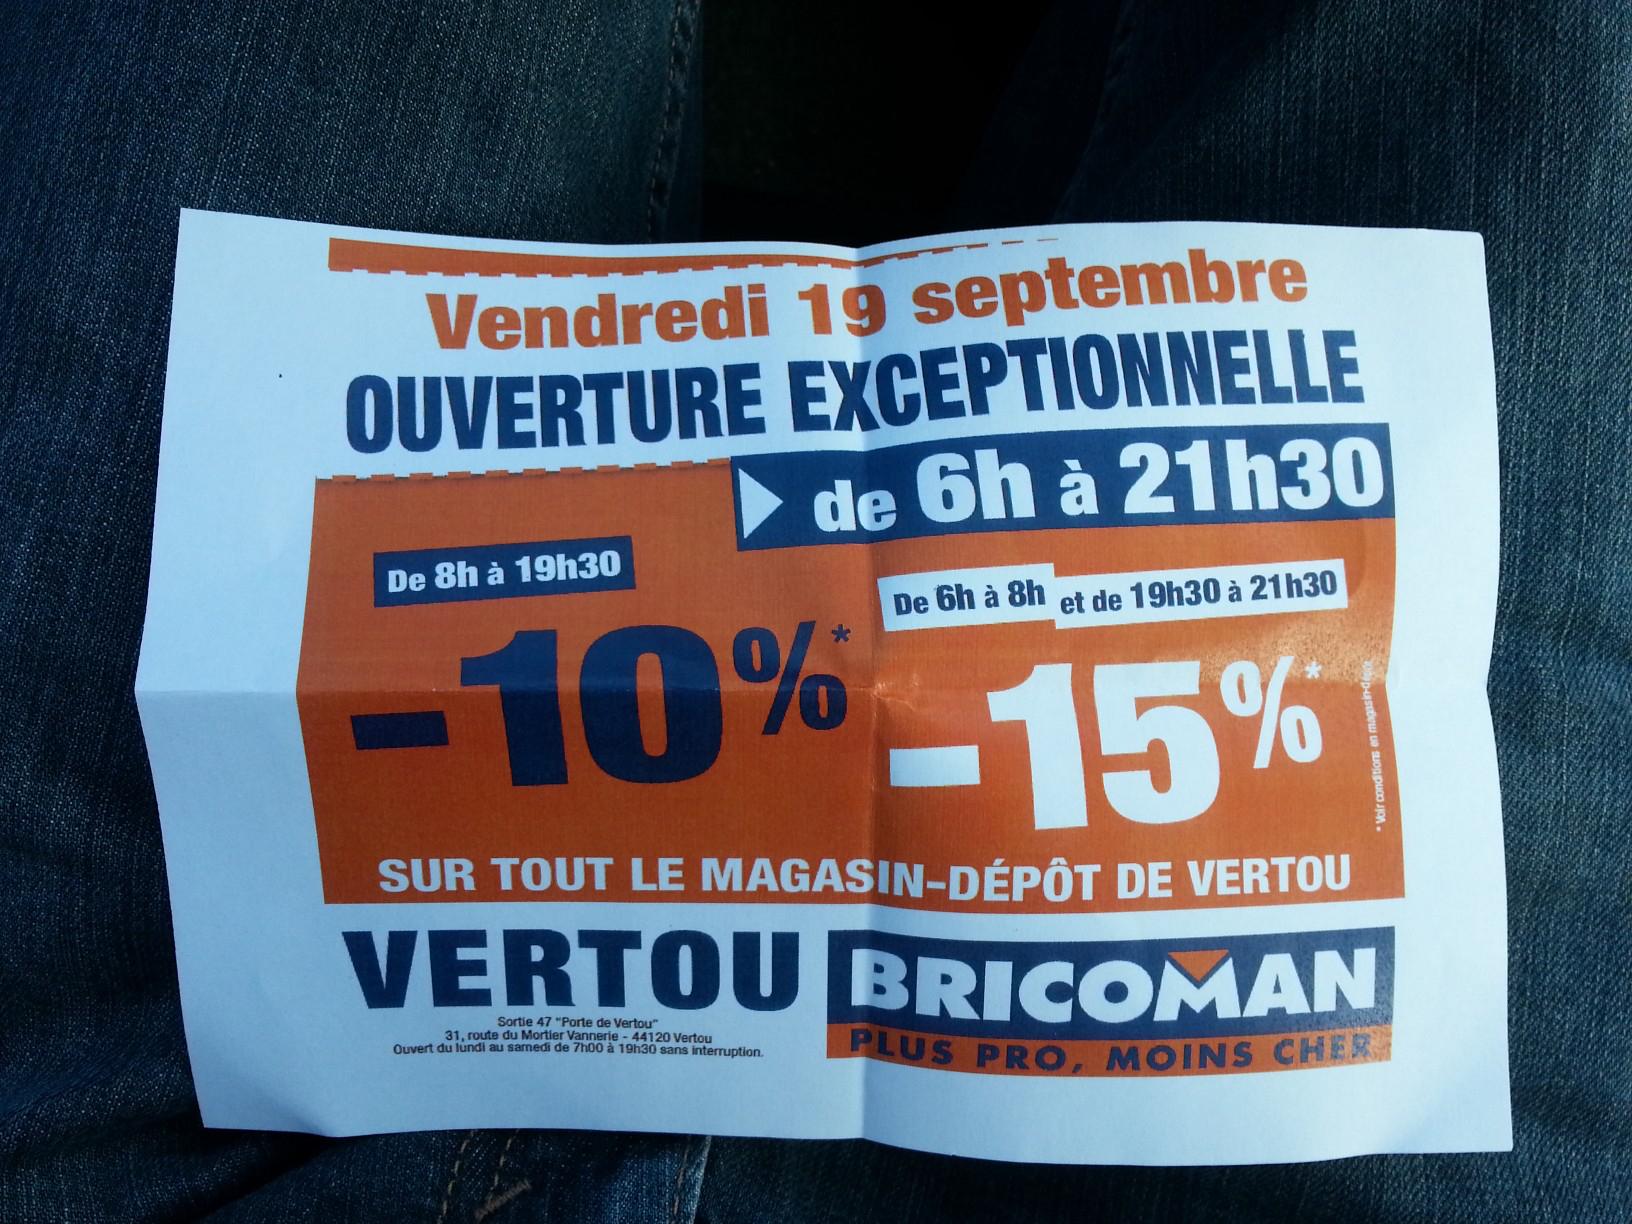 -10% à -15% sur tout le magasin (Bricolage)